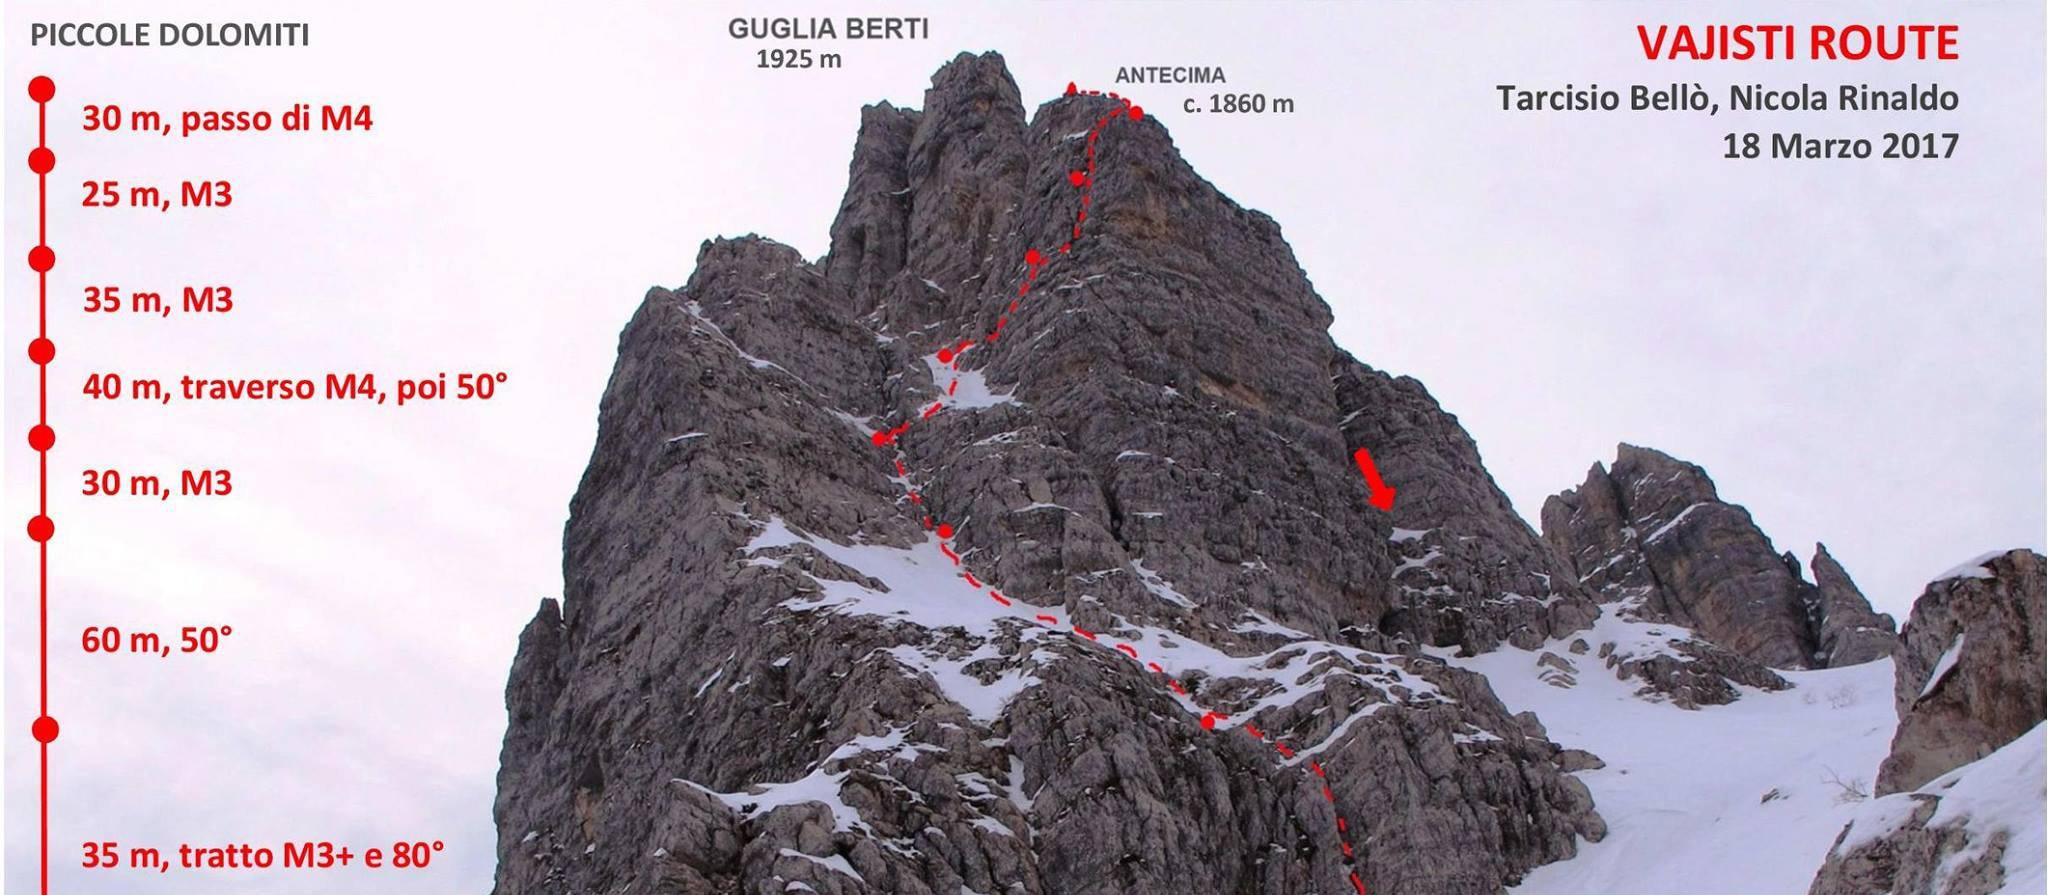 """Photo of """"Vajisti route"""", una nuova via nelle Piccole Dolomiti"""